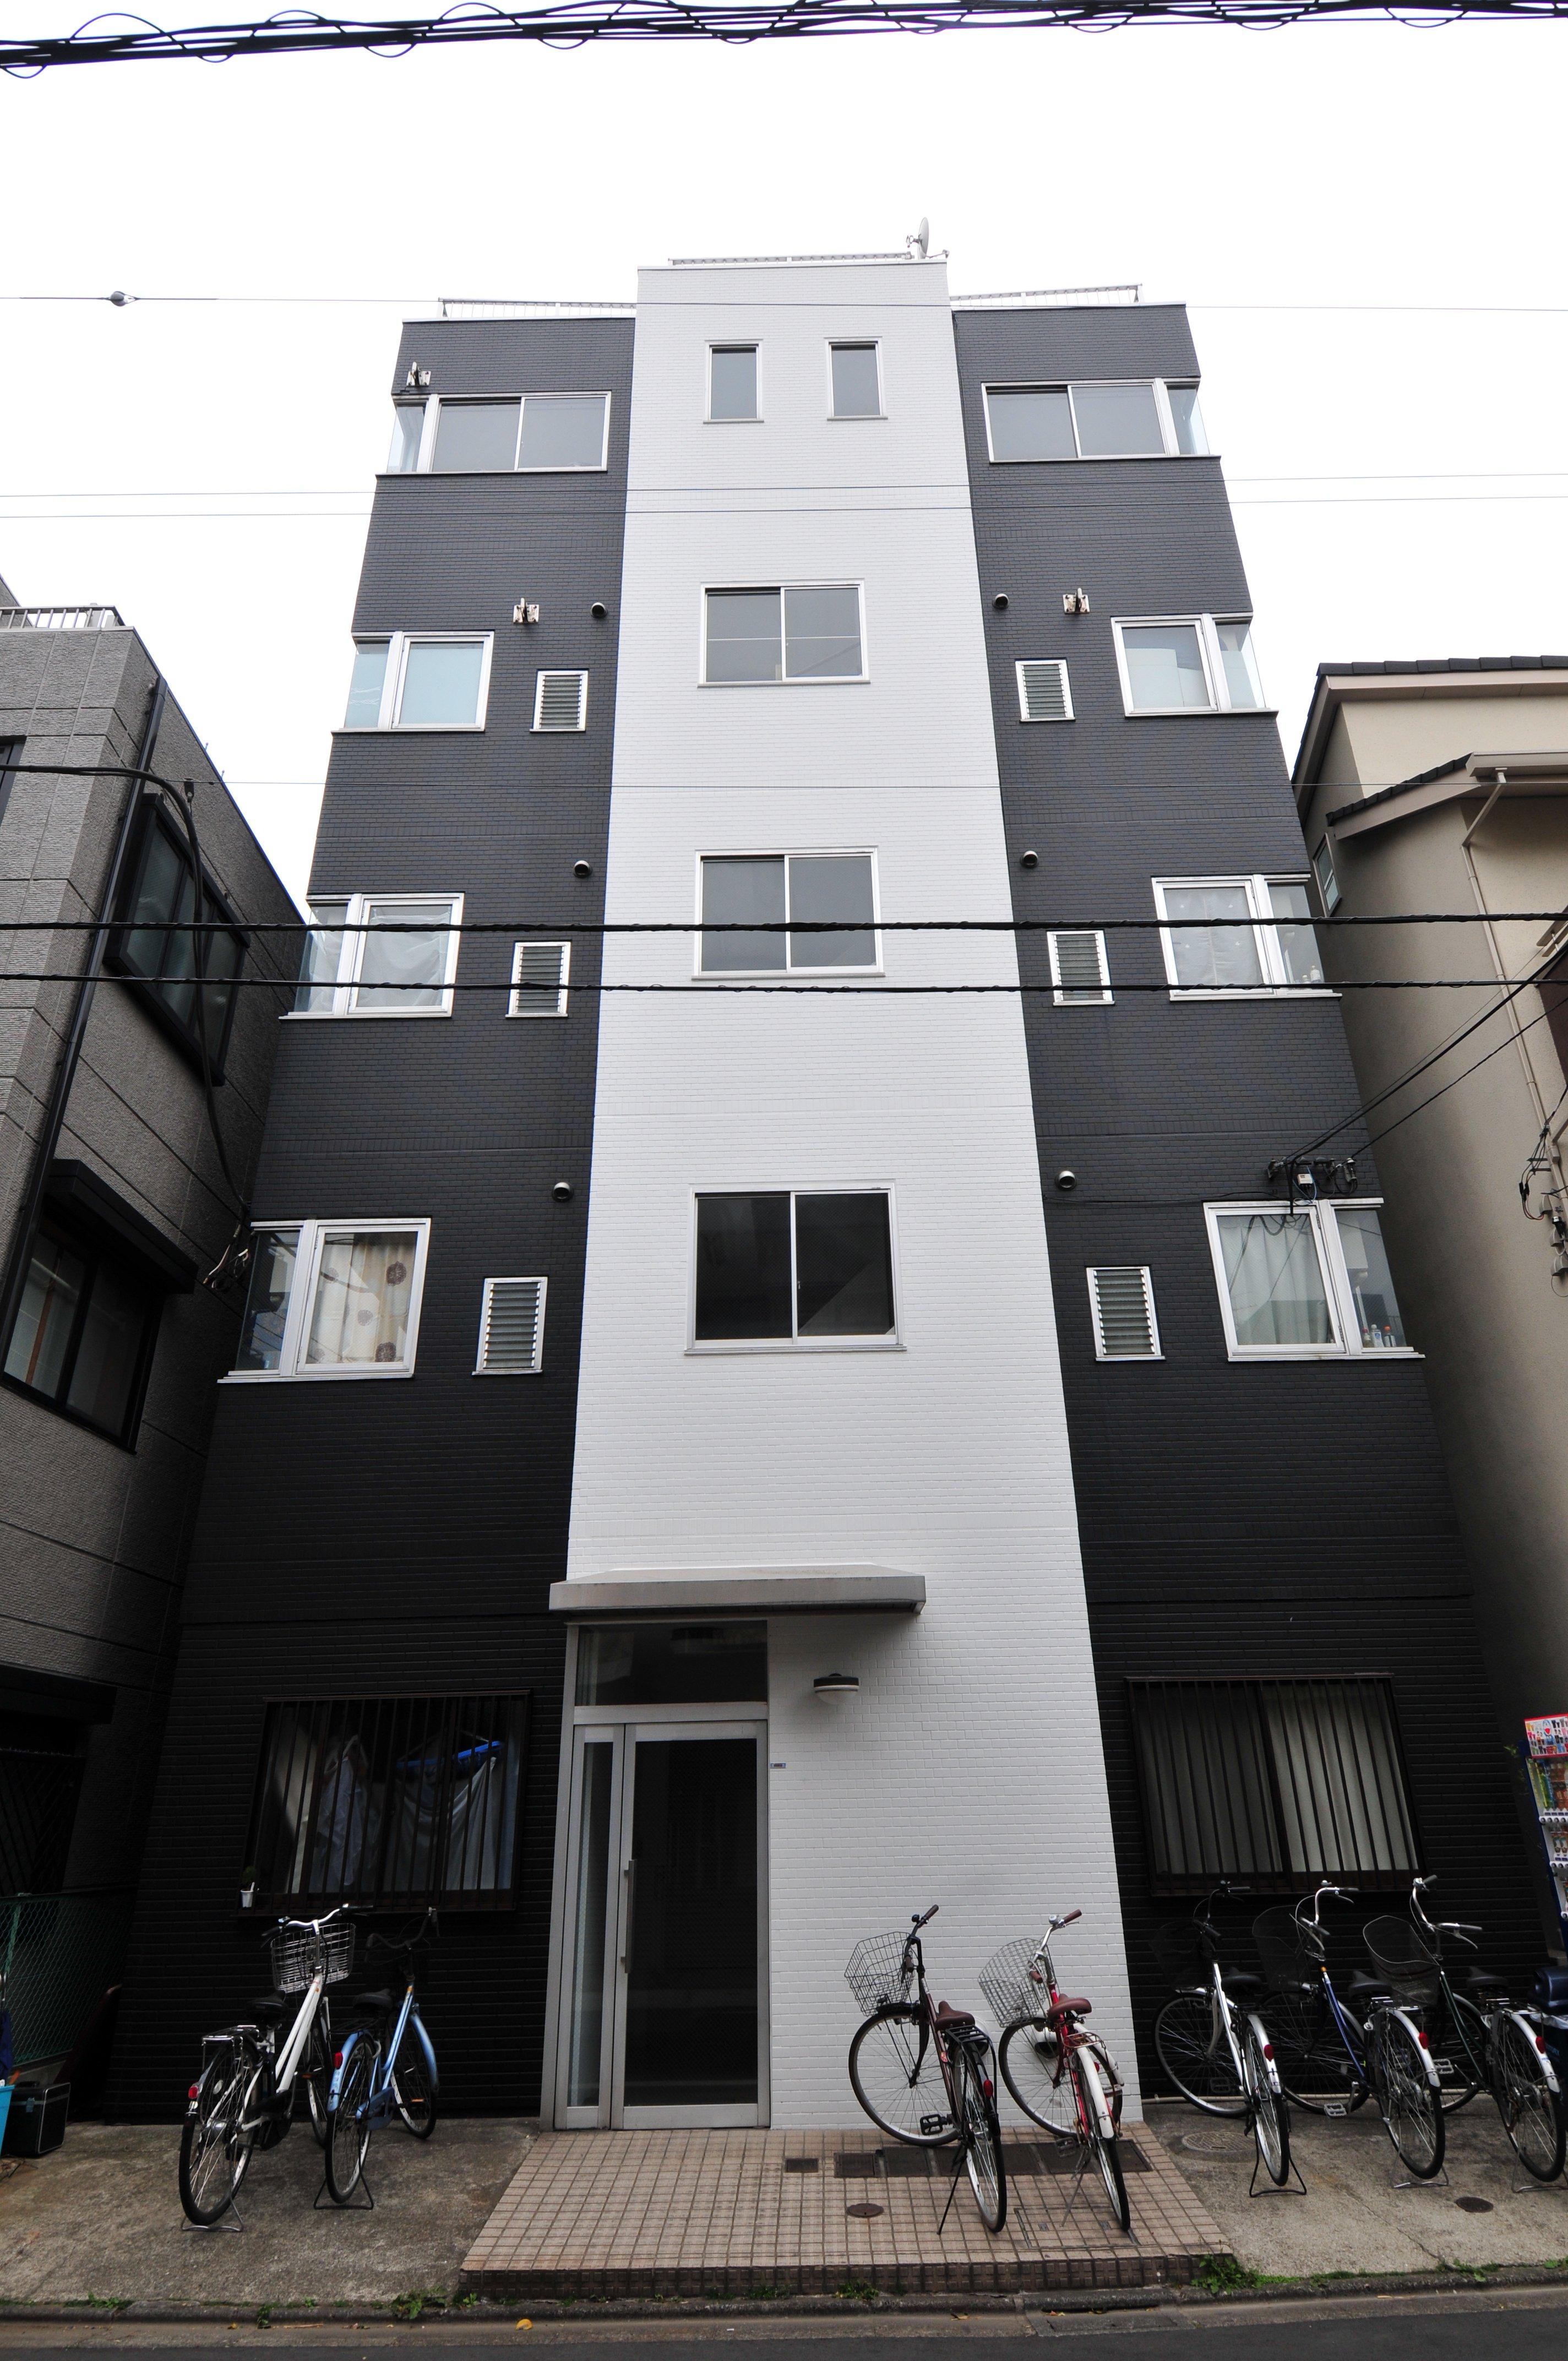 コモド三ノ輪 0096 - After:1枚目